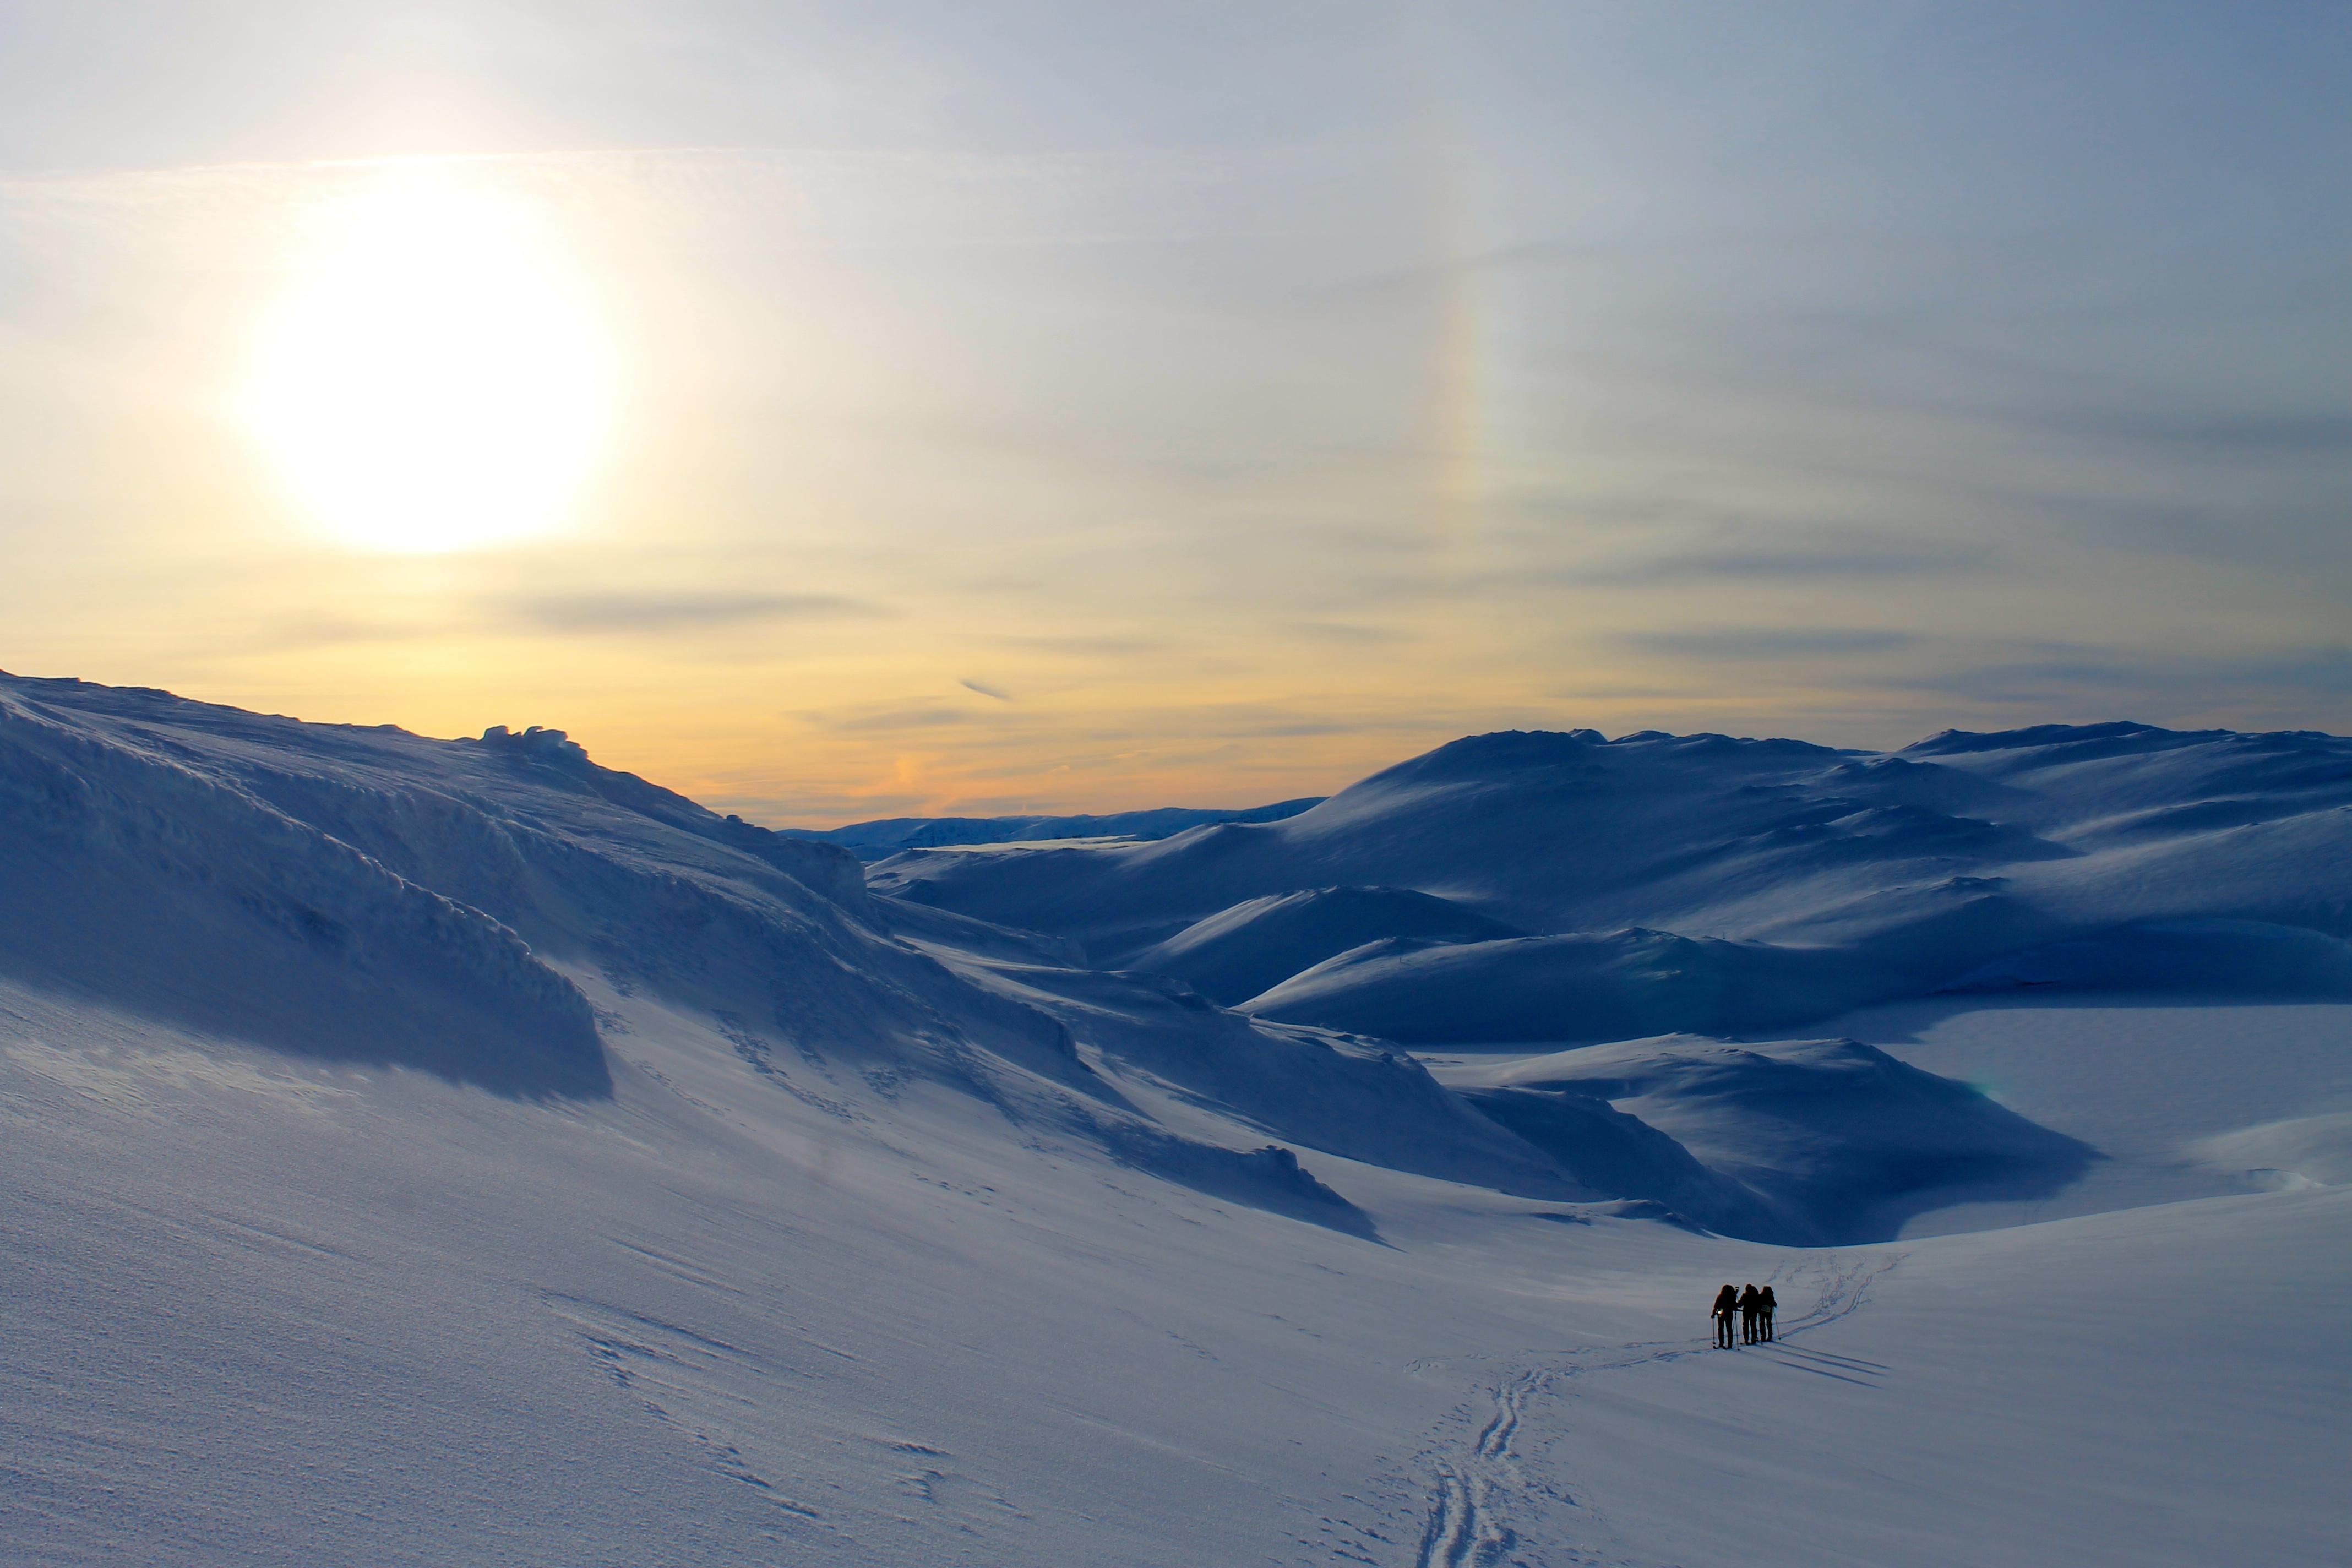 På vei opp mot Baksafjellet (1.636 moh) med Vossaskavlen i bakgrunnen.